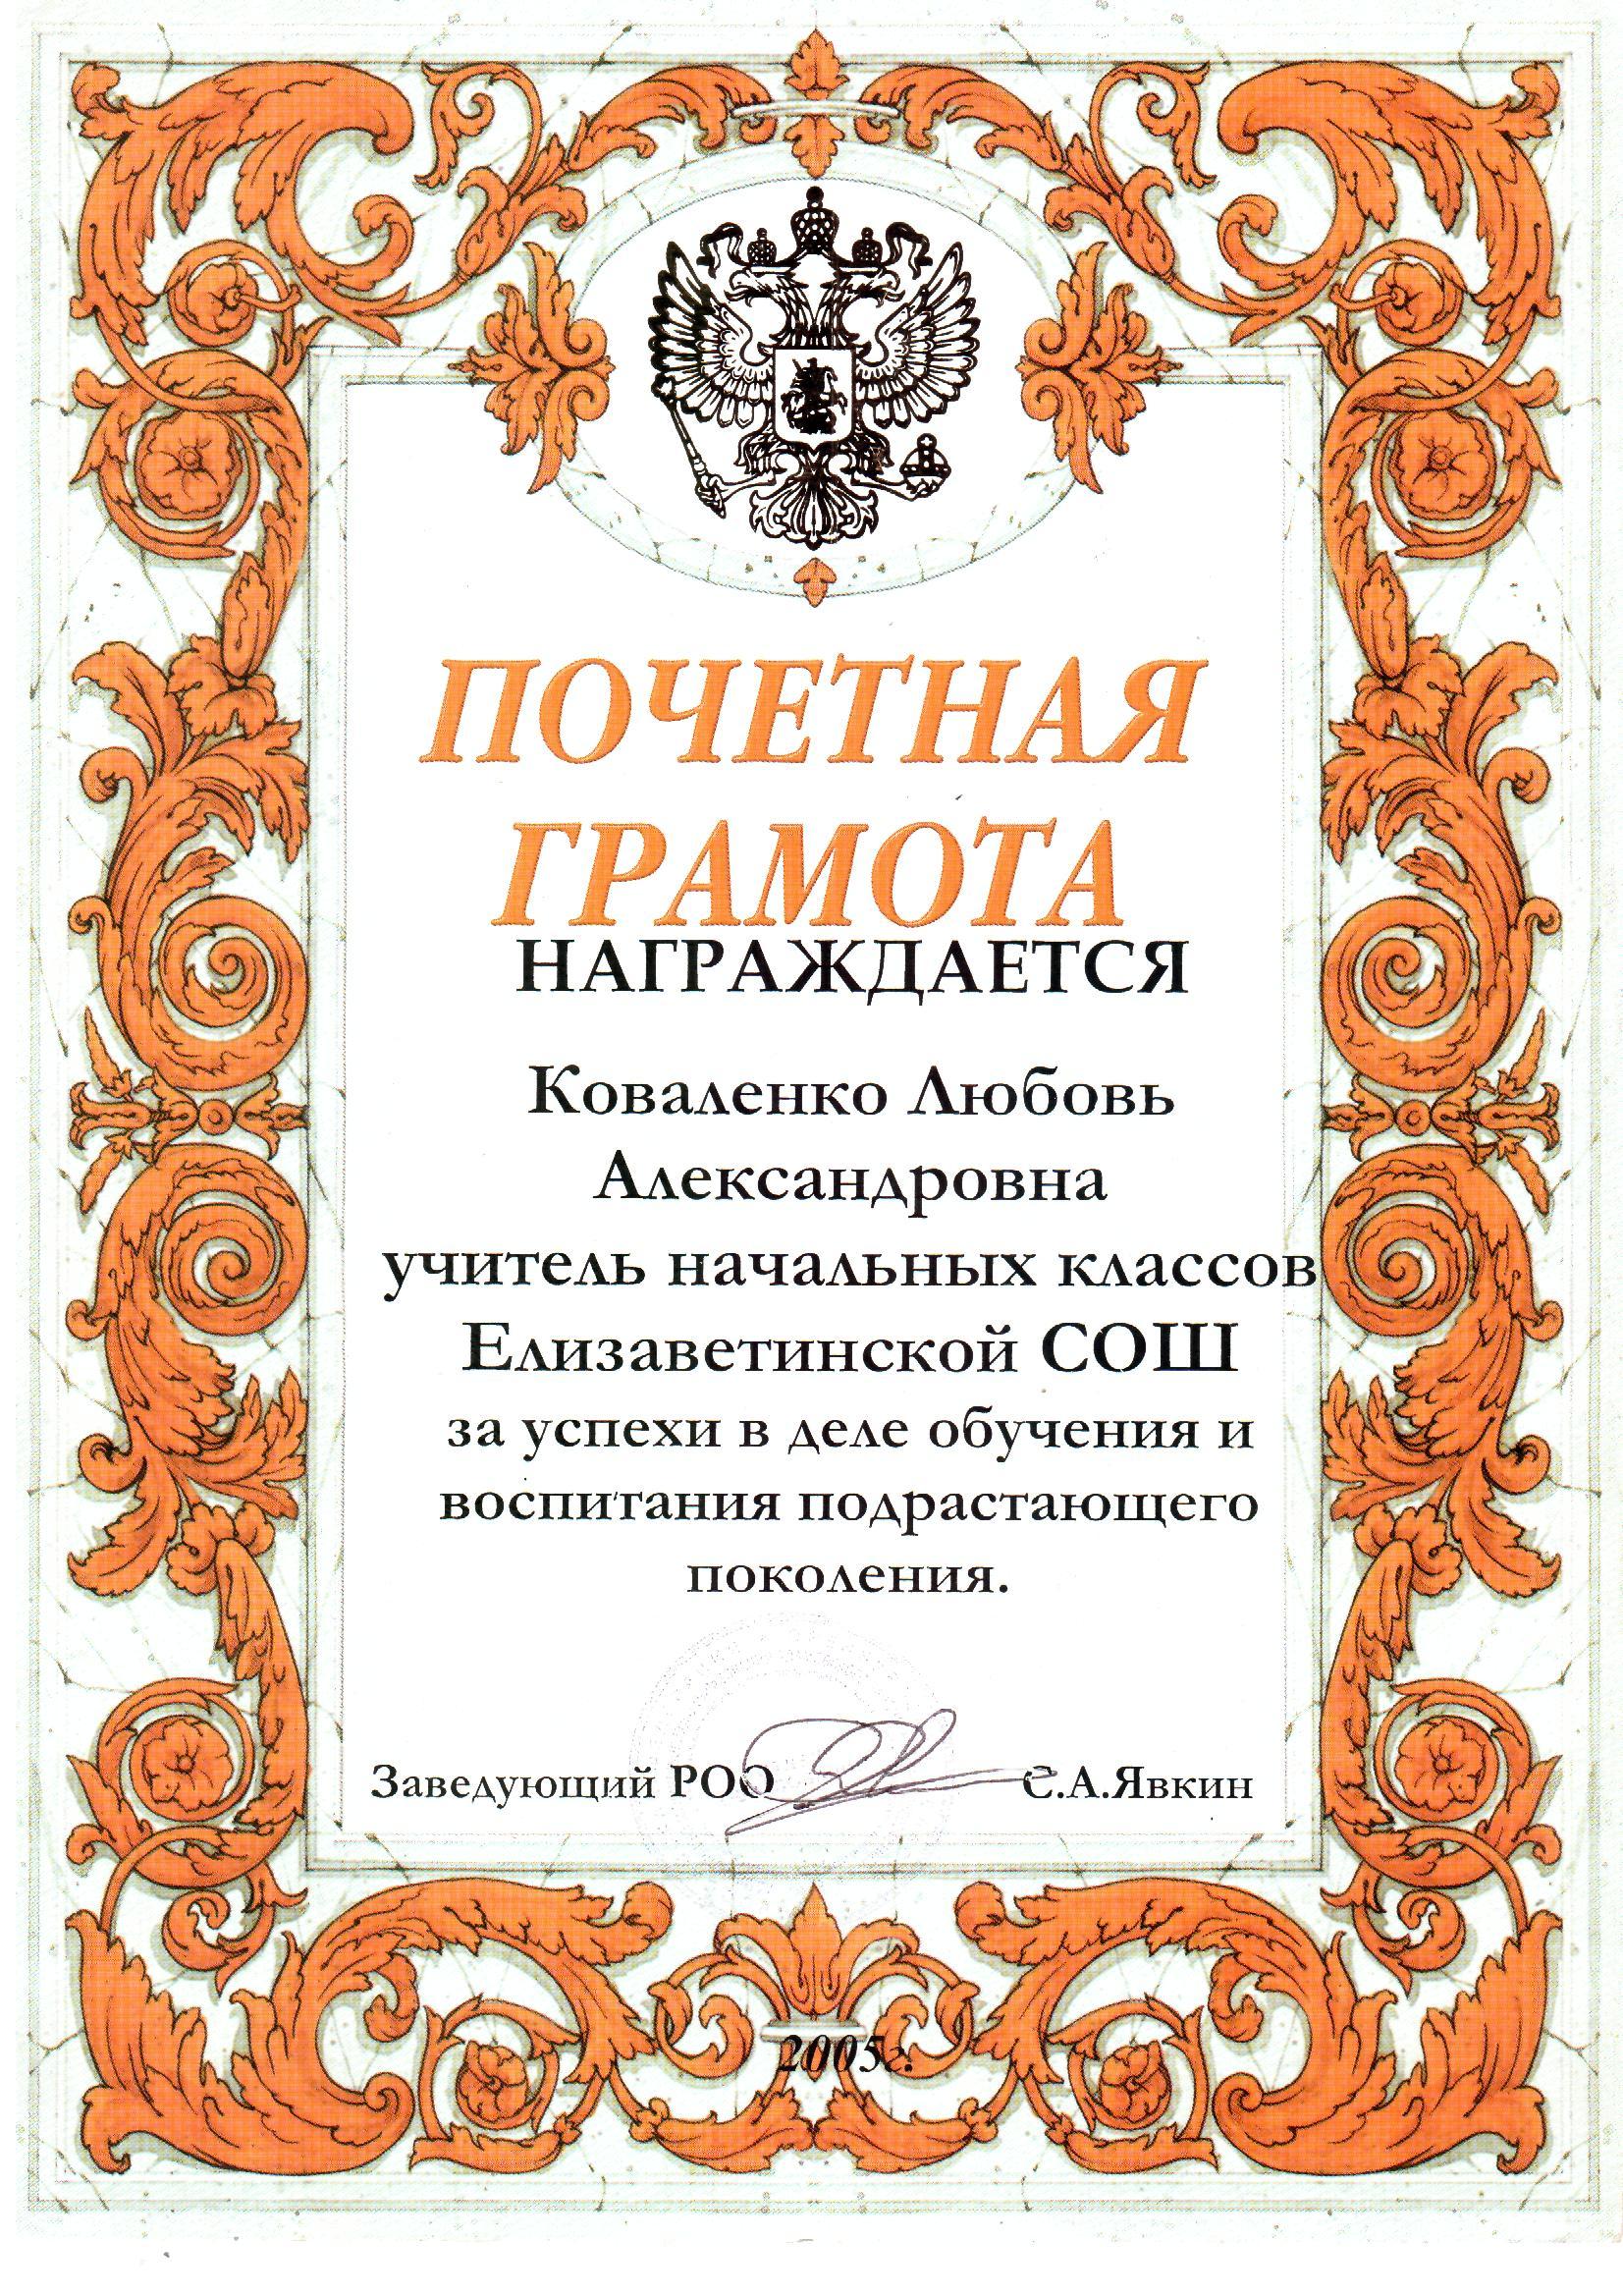 F:\грамоты\sergei_752@mail.ru\helios84@mail.ru\коваленко0008.jpg